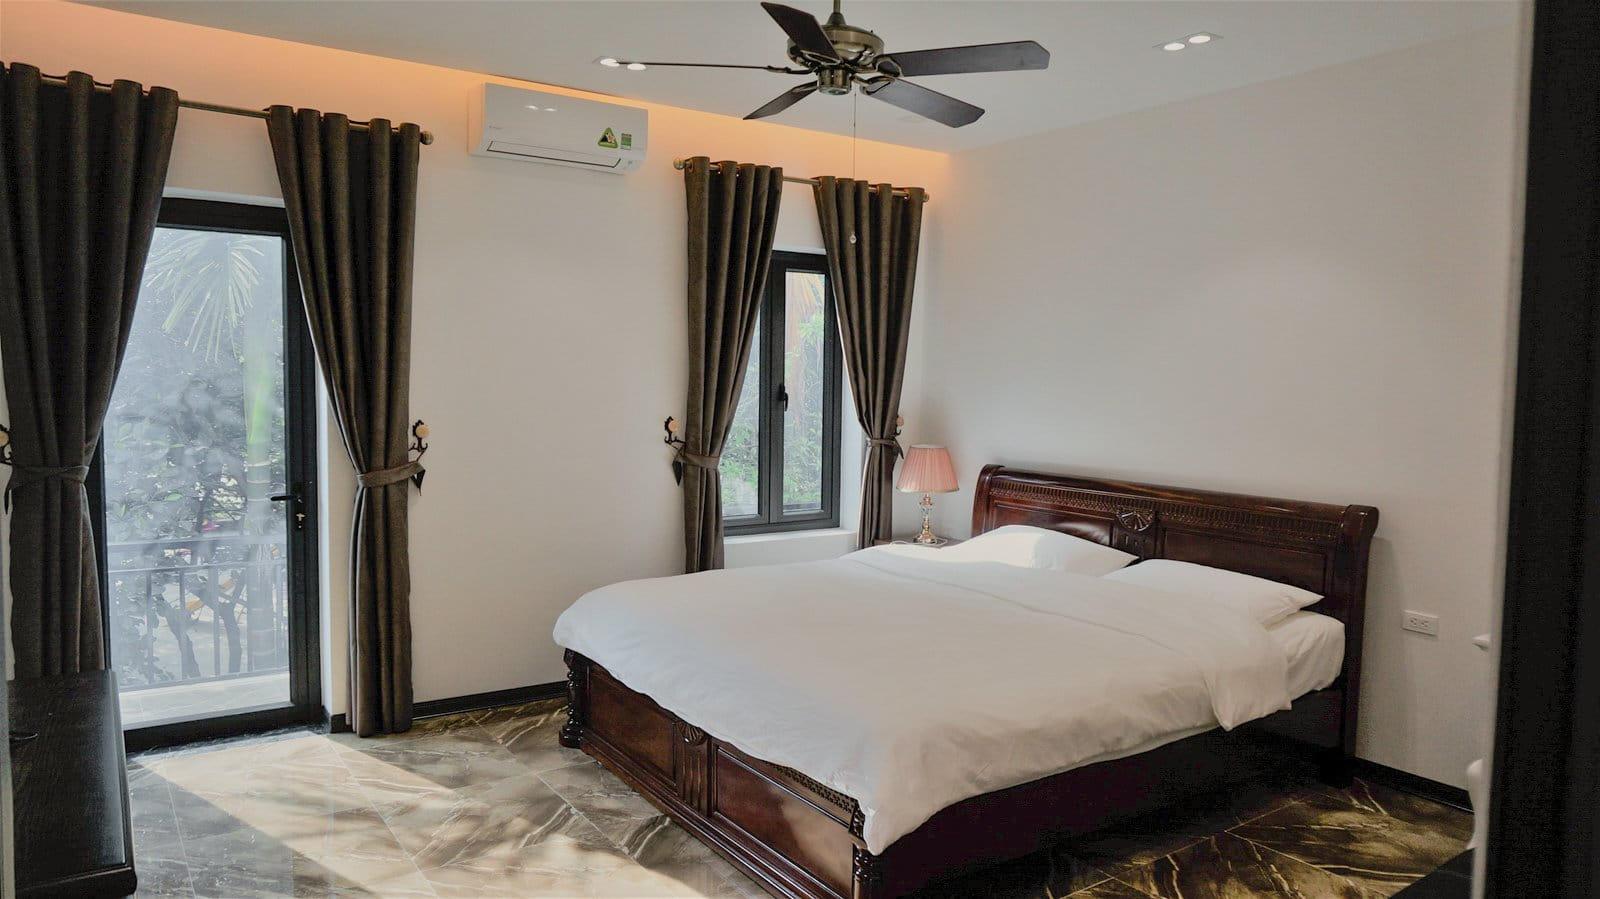 don-he-hoan-hao-tai-khu-resort-giua-rung-thong-xanh-trong-lanh-sat-xit-ha-noi-12